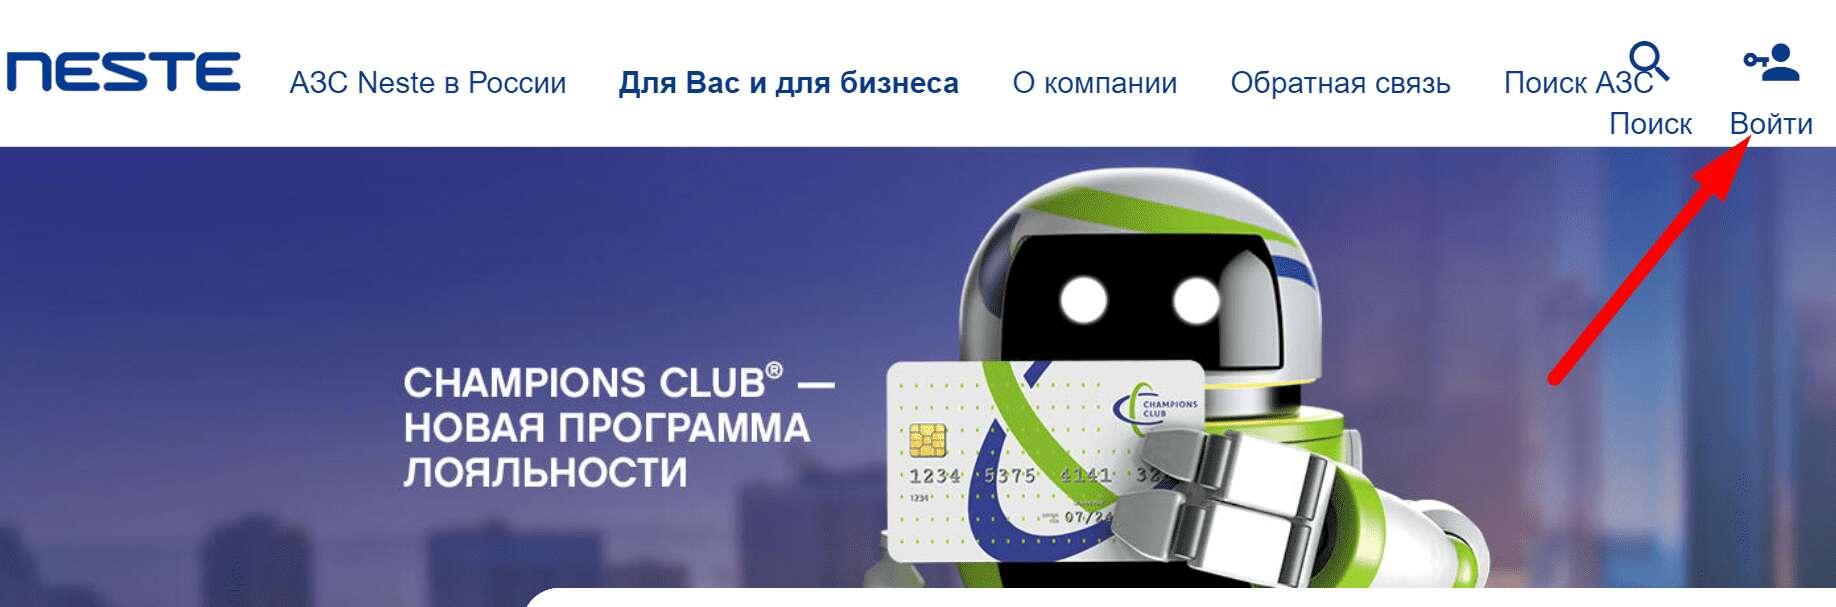 Сайт программы лояльности компании «Несте»